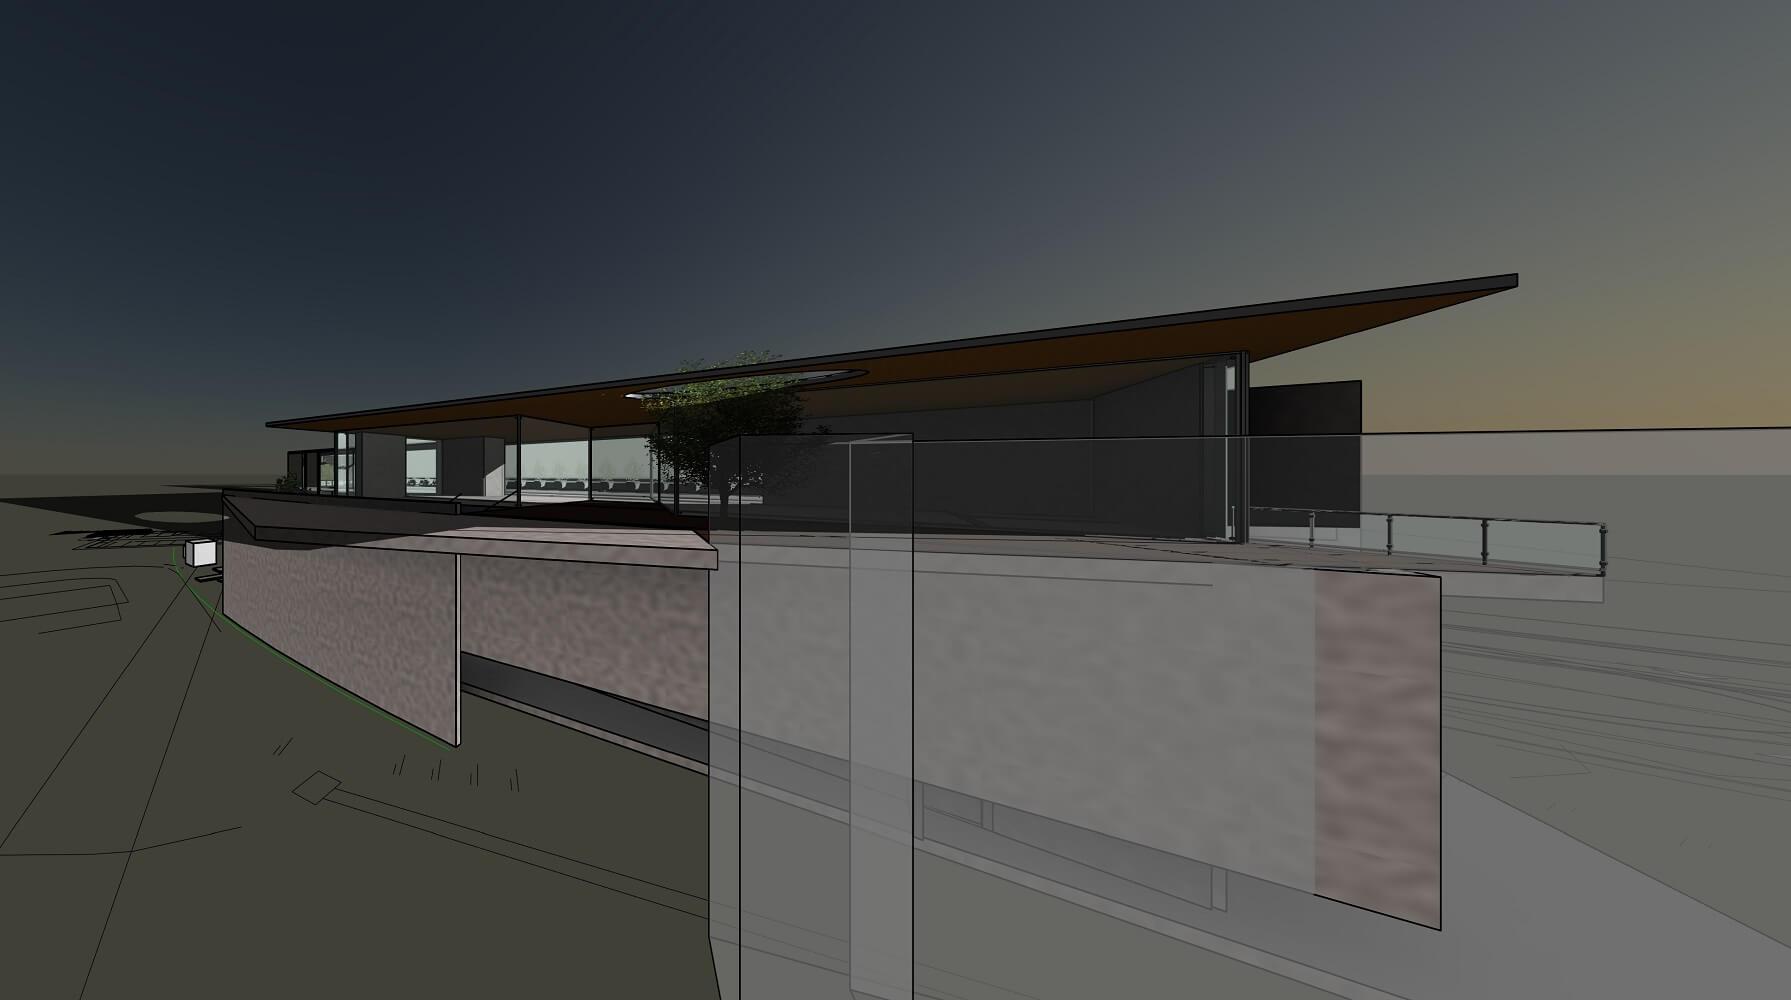 RZ-3D-new-3D-View-מבט-כניסה-מכוון-צפון-מערב